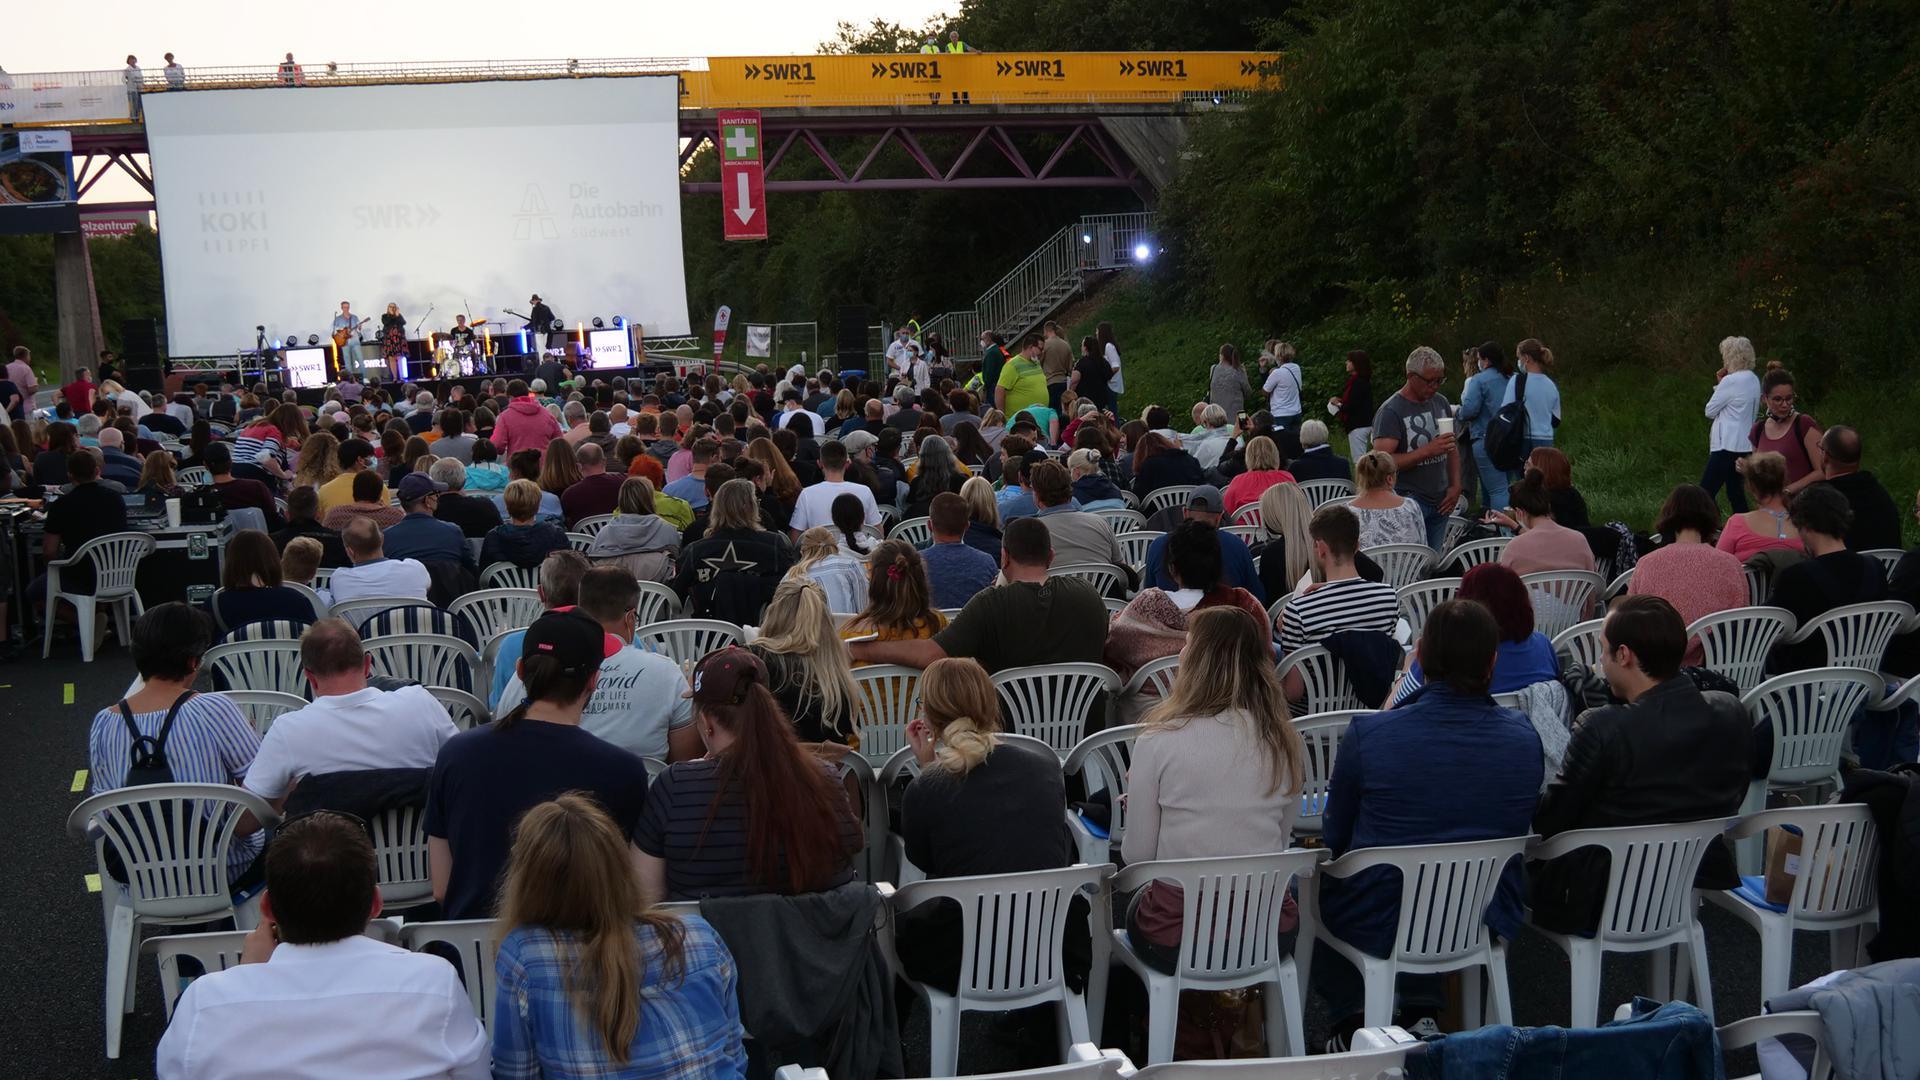 Eine 15 Meter breite Leinwand hing für das Open-Air-Kino von der Brücke.